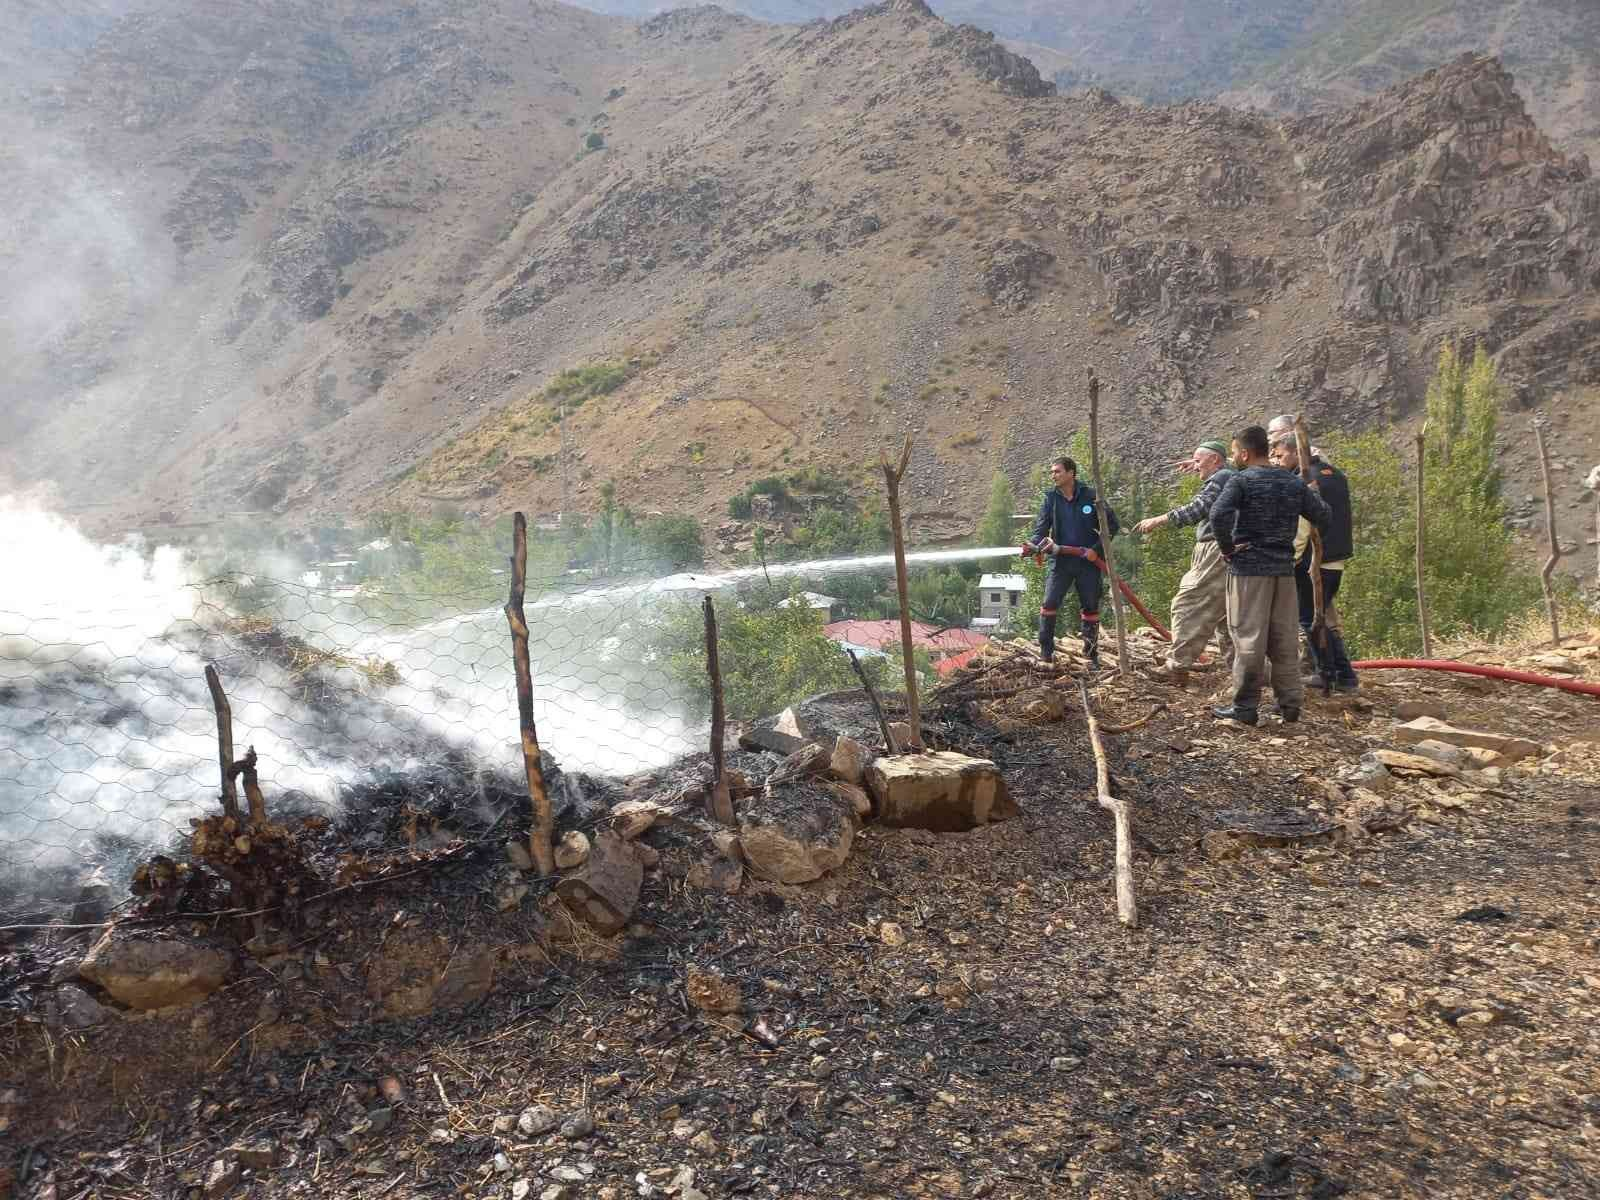 Hakkari'de 480 bağ ot yandı #hakkari